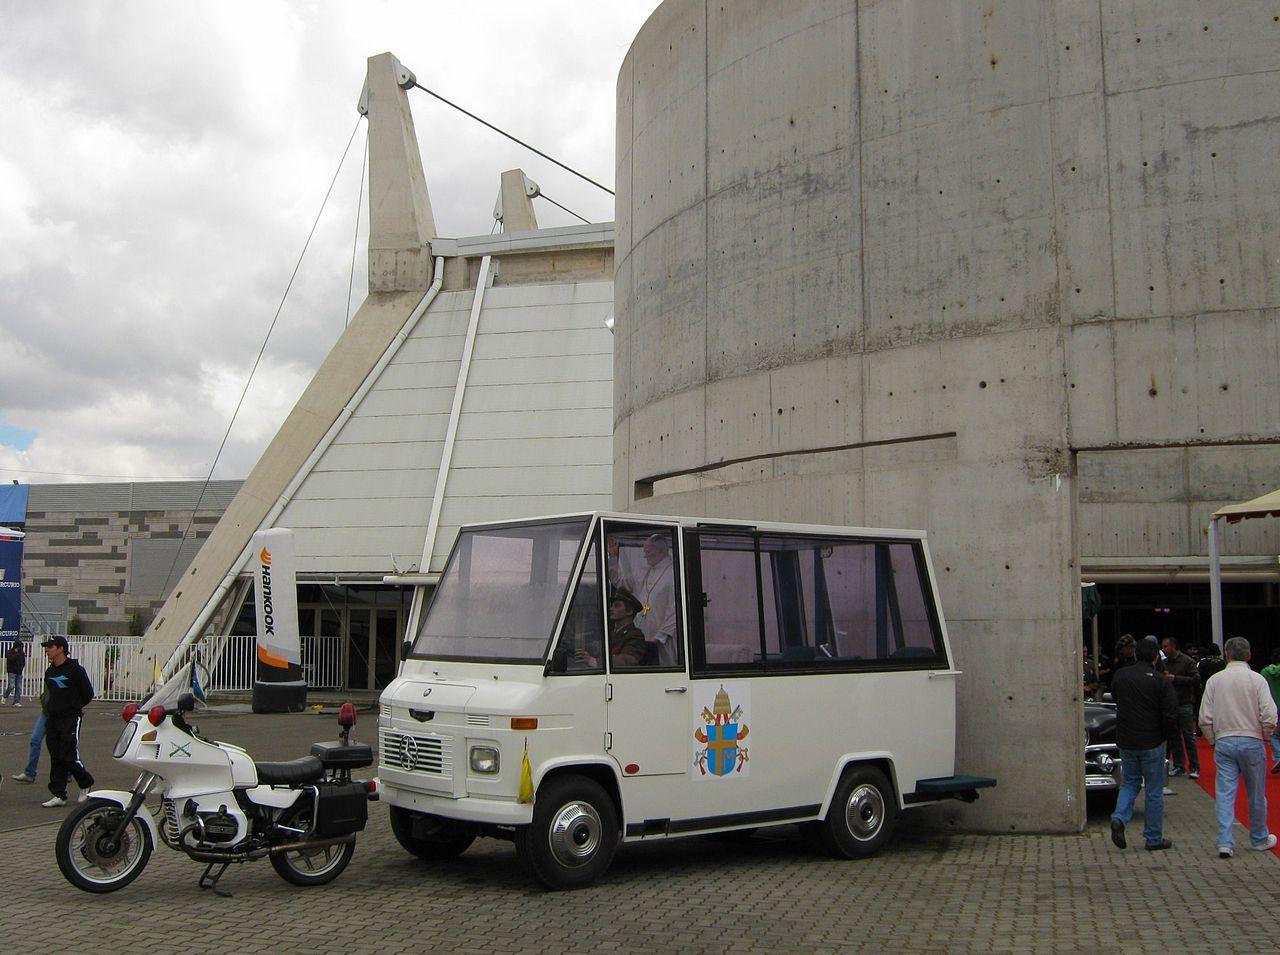 Mercedes-Benz T2 L408 Minibus (1987): Amikor II. János Pál pápa Chilében járt, a helyi hatóságok úgy döntöttek, hogy nincs nagy veszélynek kitéve az egyházfő. Ezért egy, a dél-amerikai országban sorozatban gyártott, hagyományos Mercedes kisbuszt alakítottak át pápamobillá